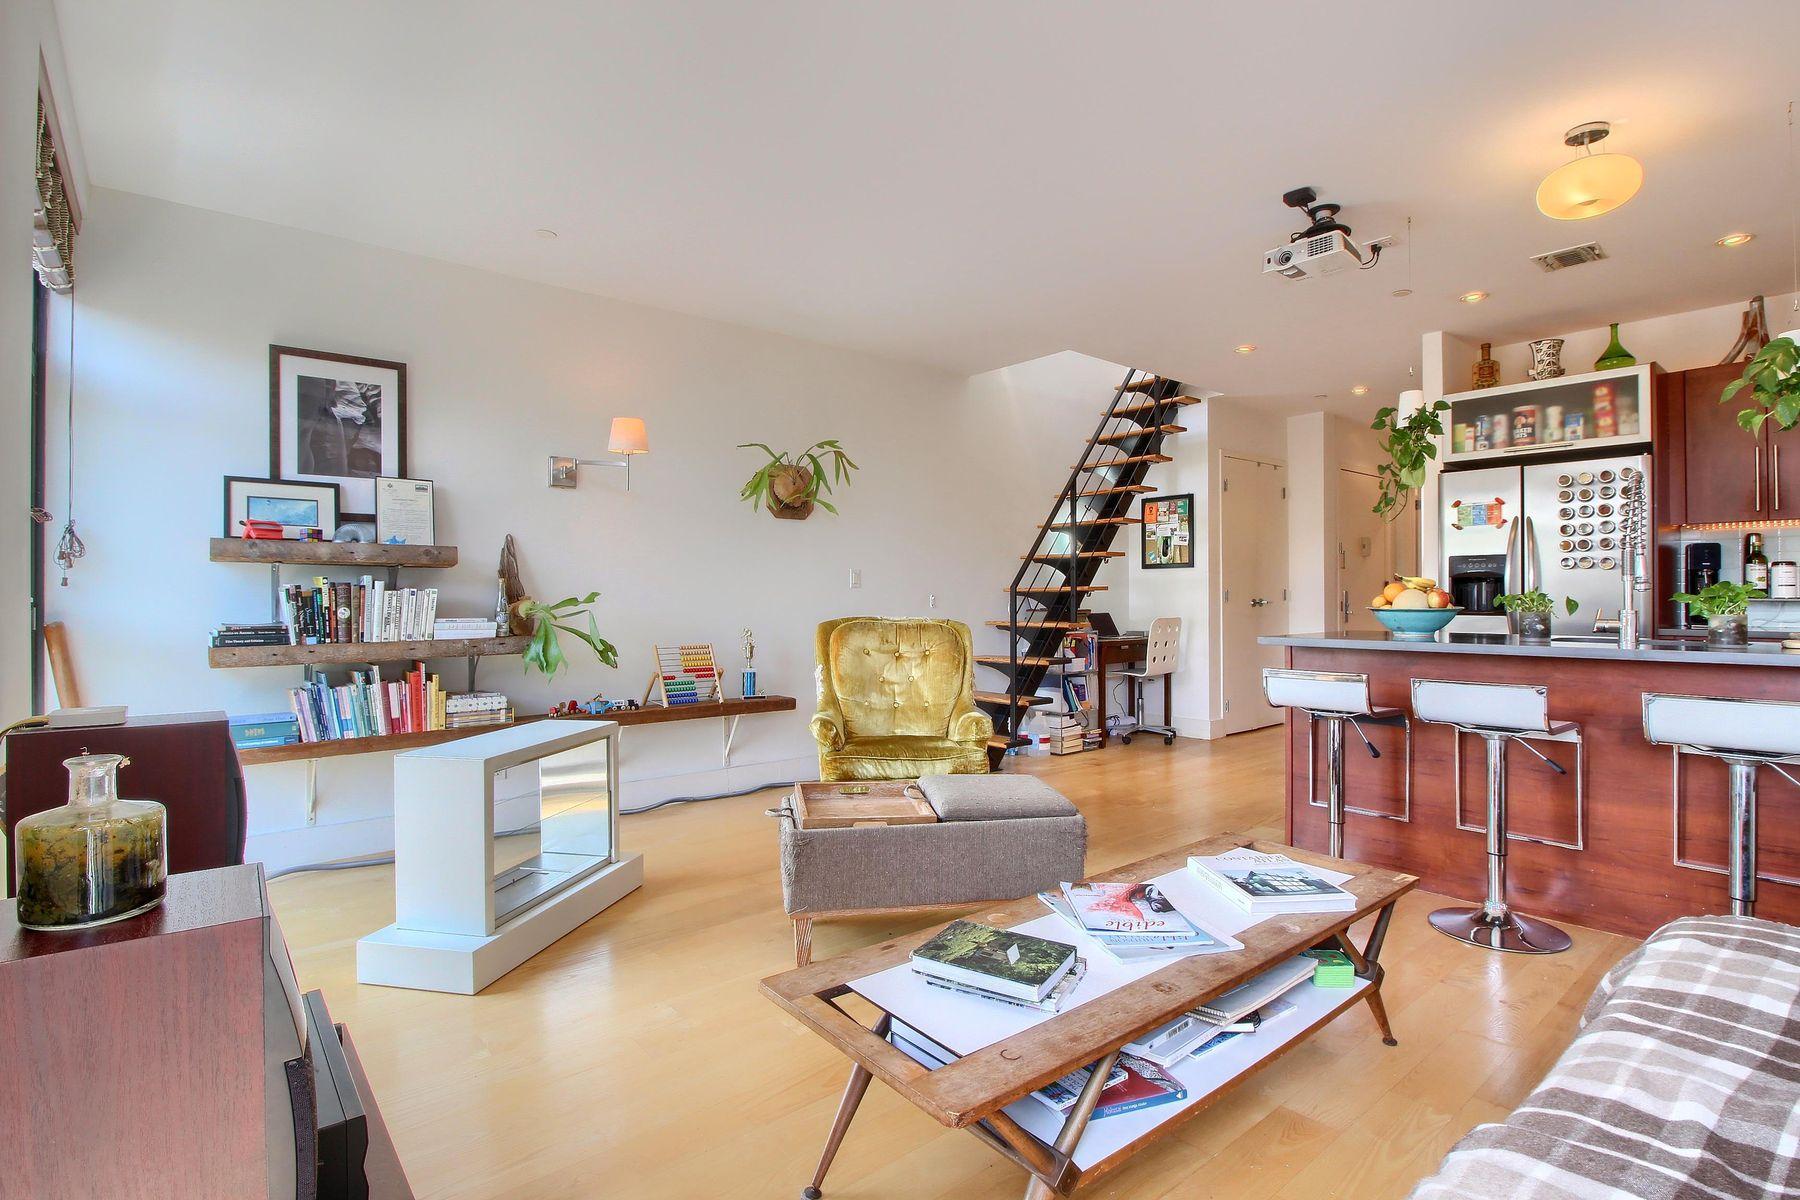 Condominio por un Alquiler en 225 Maujer Street, PHB 225 Maujer Street Apt PHB Brooklyn, Nueva York 11206 Estados Unidos